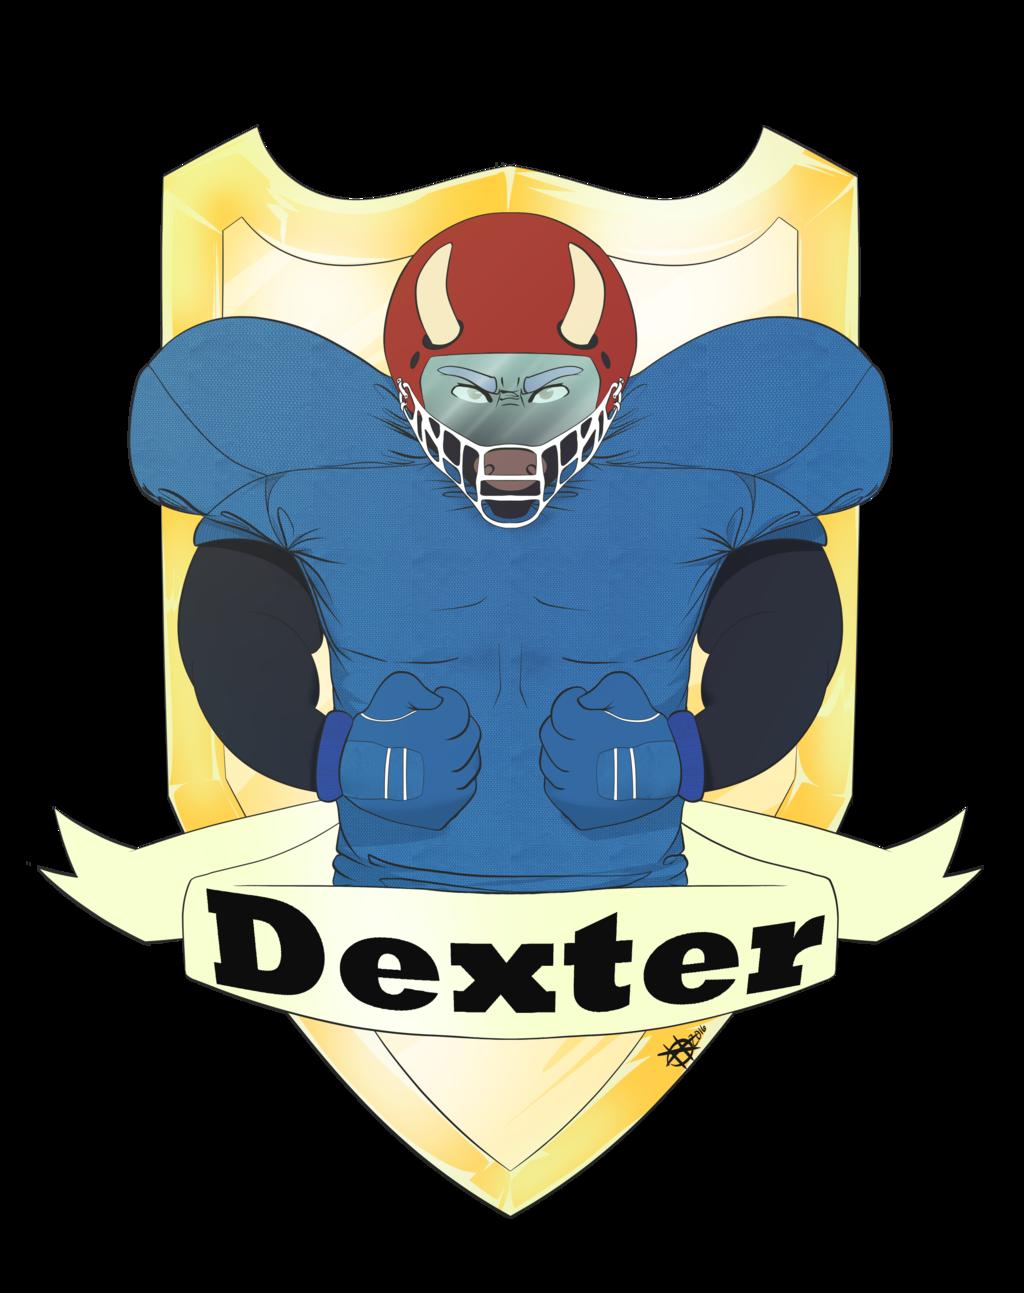 Football emblem dexterskunk